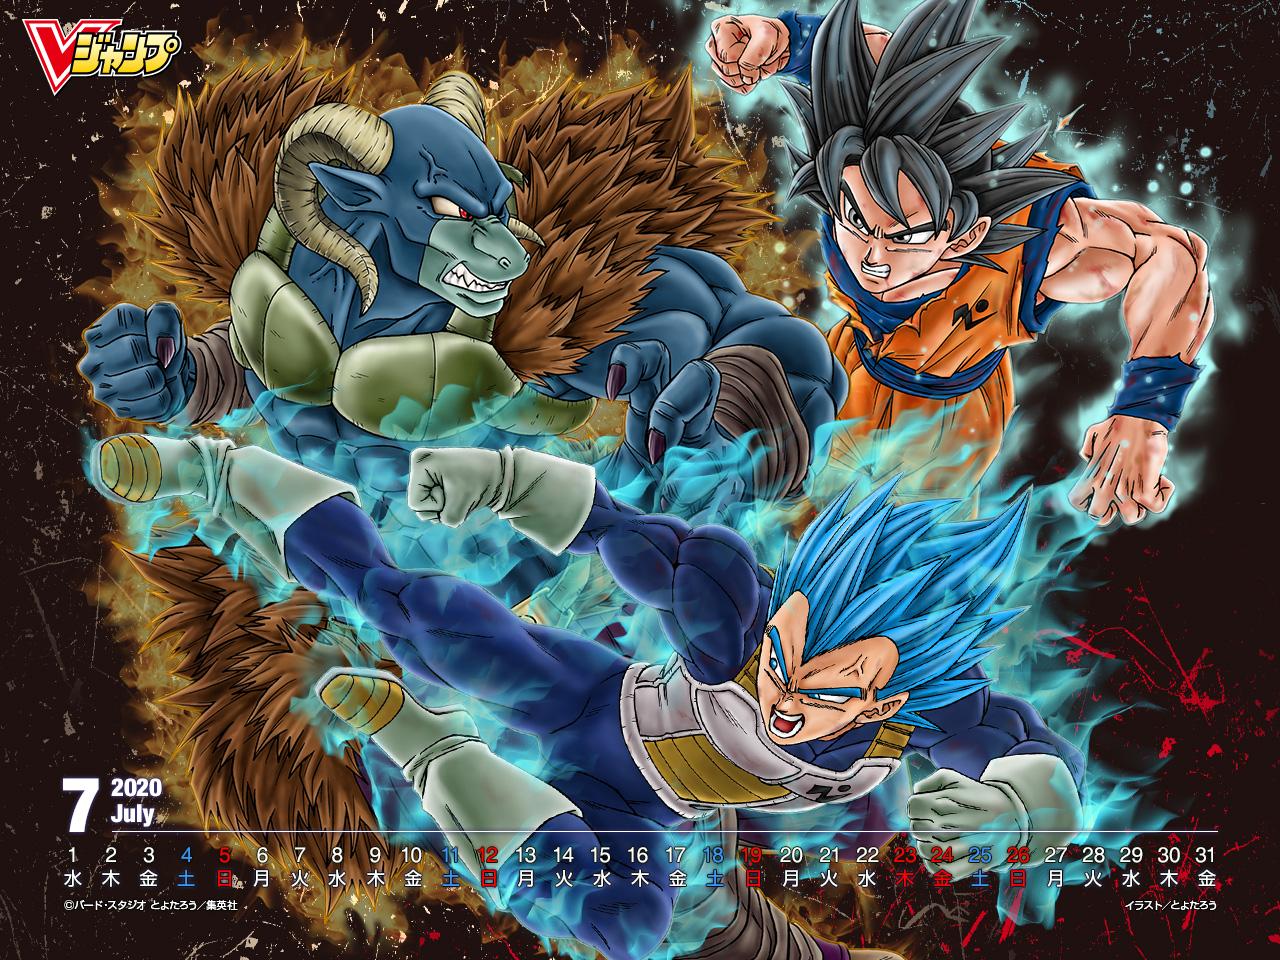 Les Fonds D Ecran Dragon Ball Super Du V Jump Du 19 Juin 2020